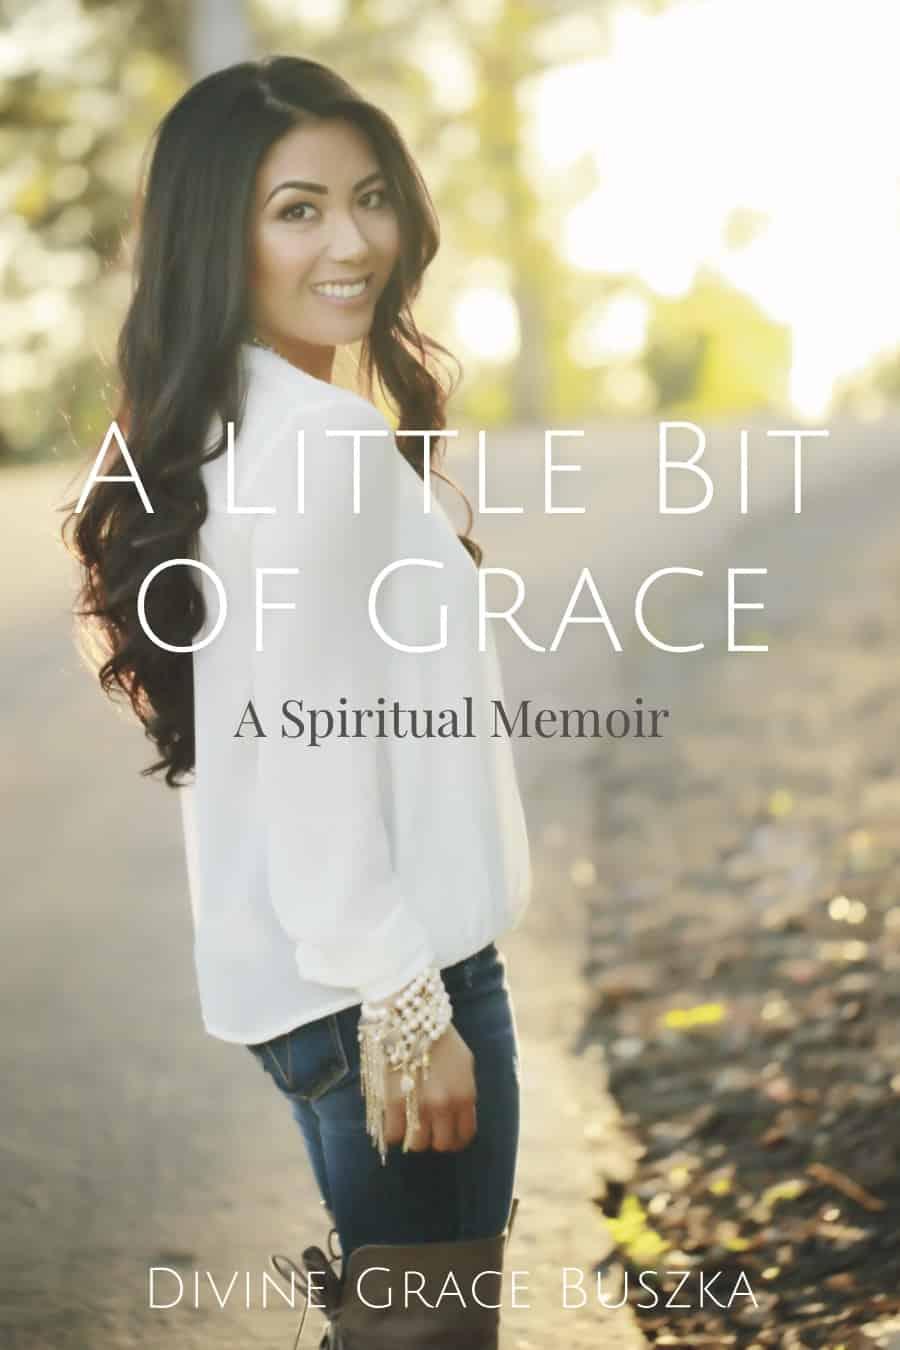 Divine Grace Buszka author, A Little Bit Of Grace new book